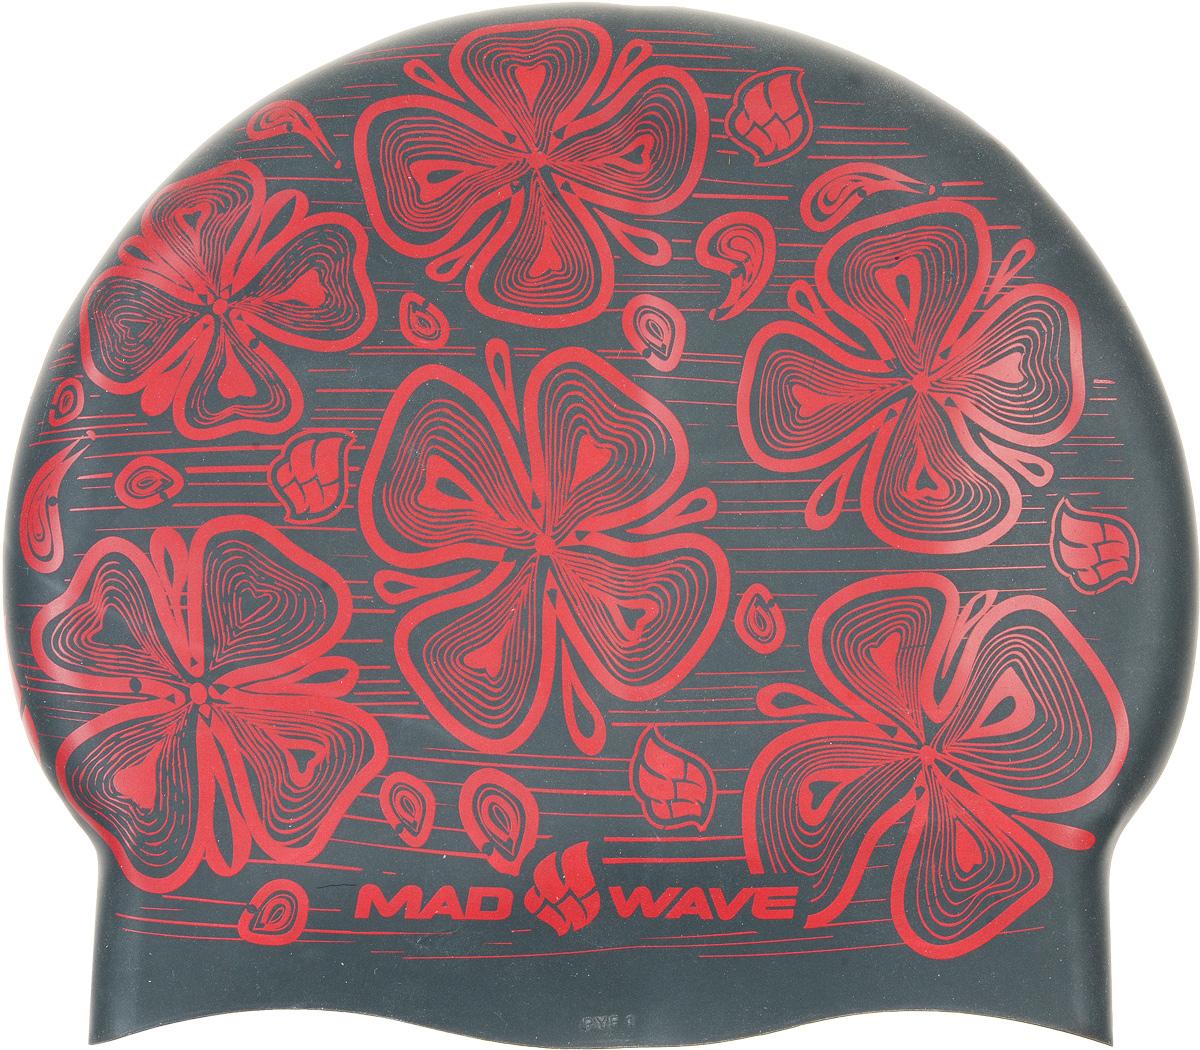 Шапочка для плавания MadWave Reverse Flora, силиконовая, двусторонняя, цвет: черный, серый шапочки для плавания mad wave силиконовая шапочка reverse flora